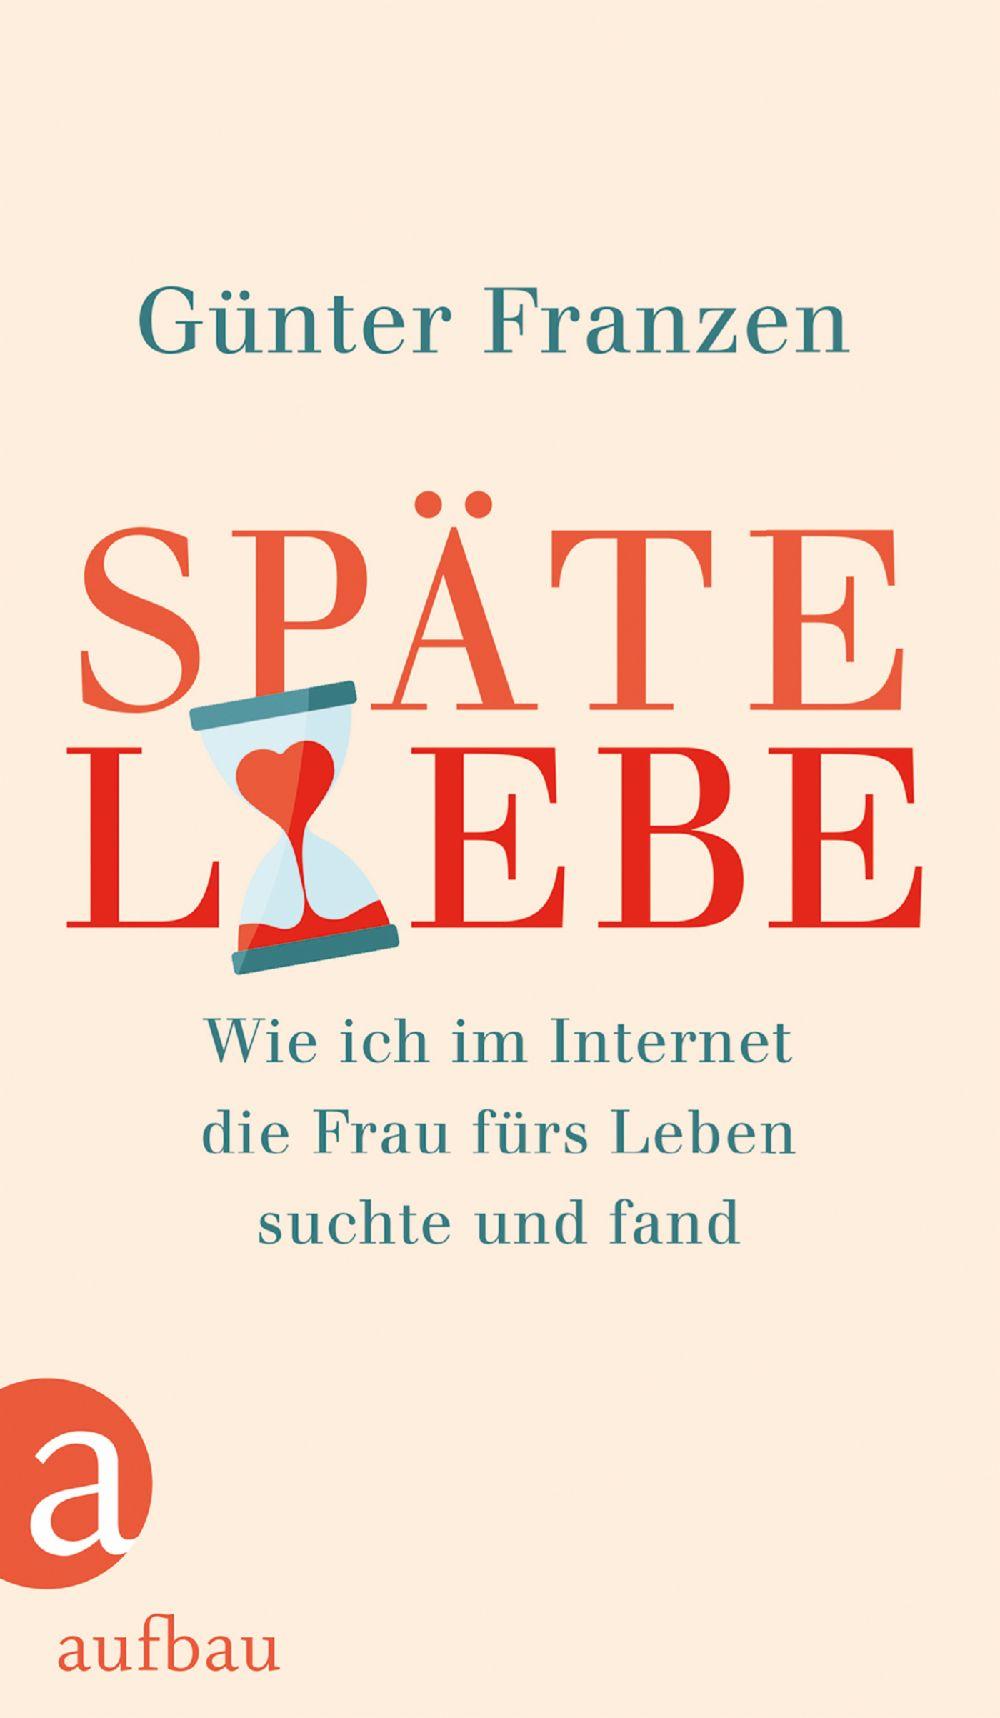 Geschenketipp Sachbuch Günter Franzen über Späte Liebe